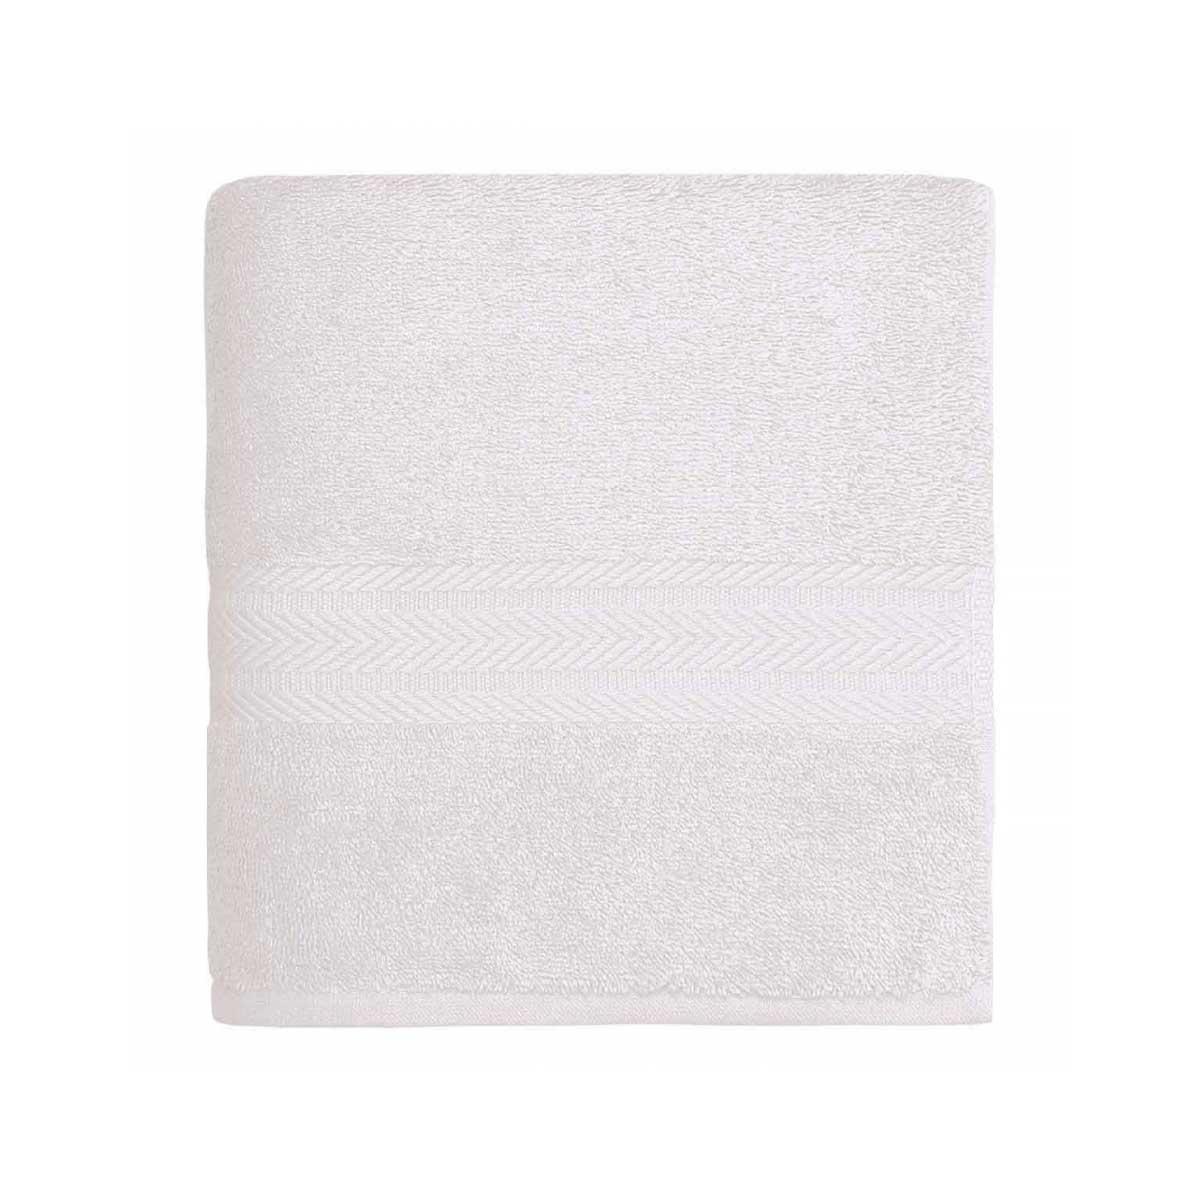 Linge de bain en coton moelleux 550gr/m² - Blanc - 50 x 100 cm